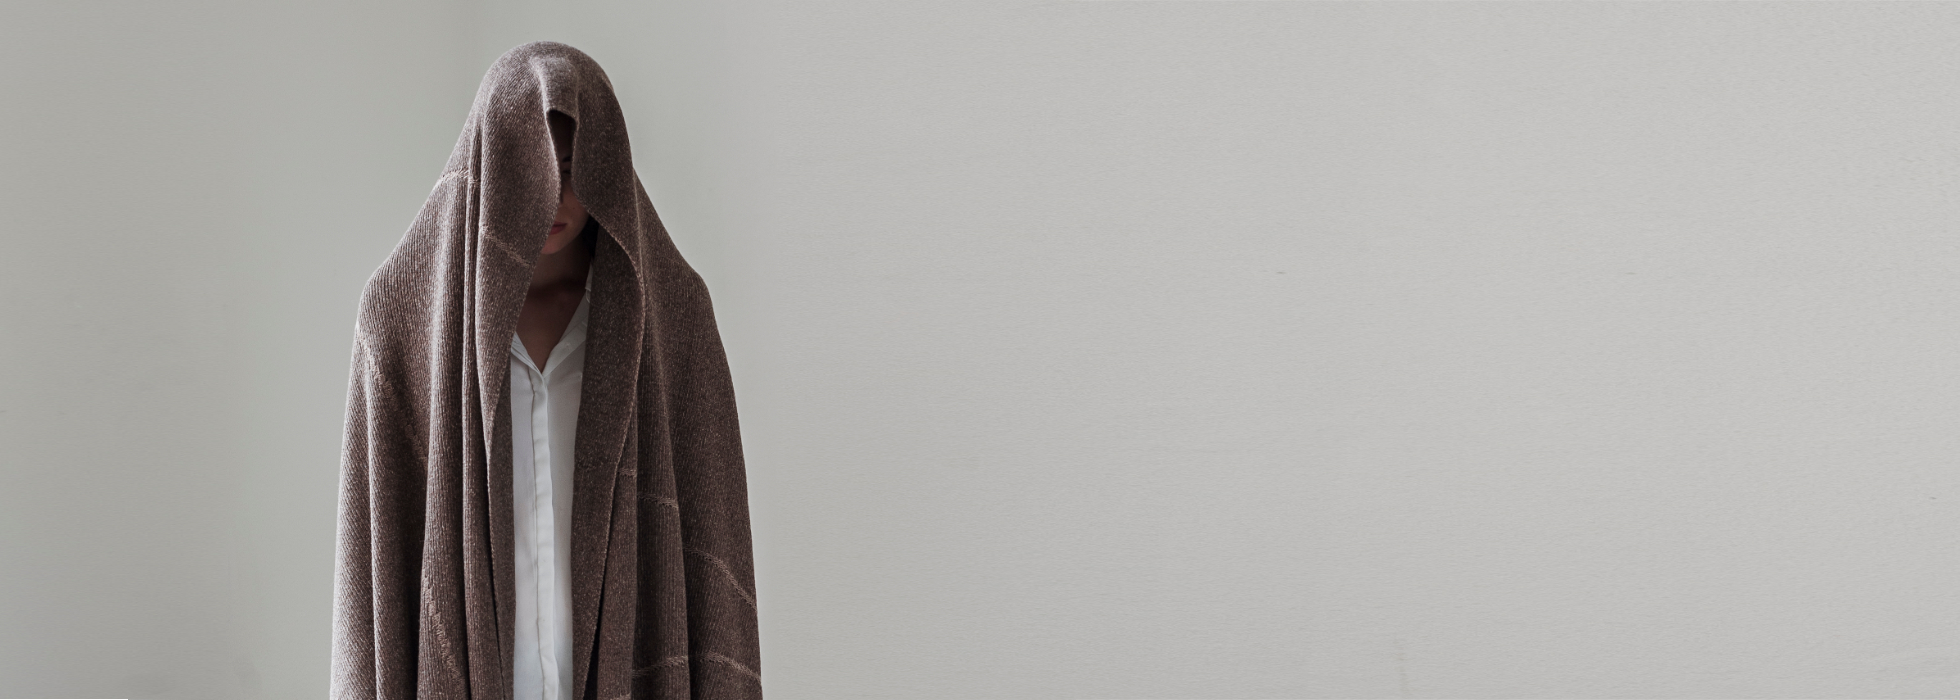 STRIKKS designer knits deken bruin